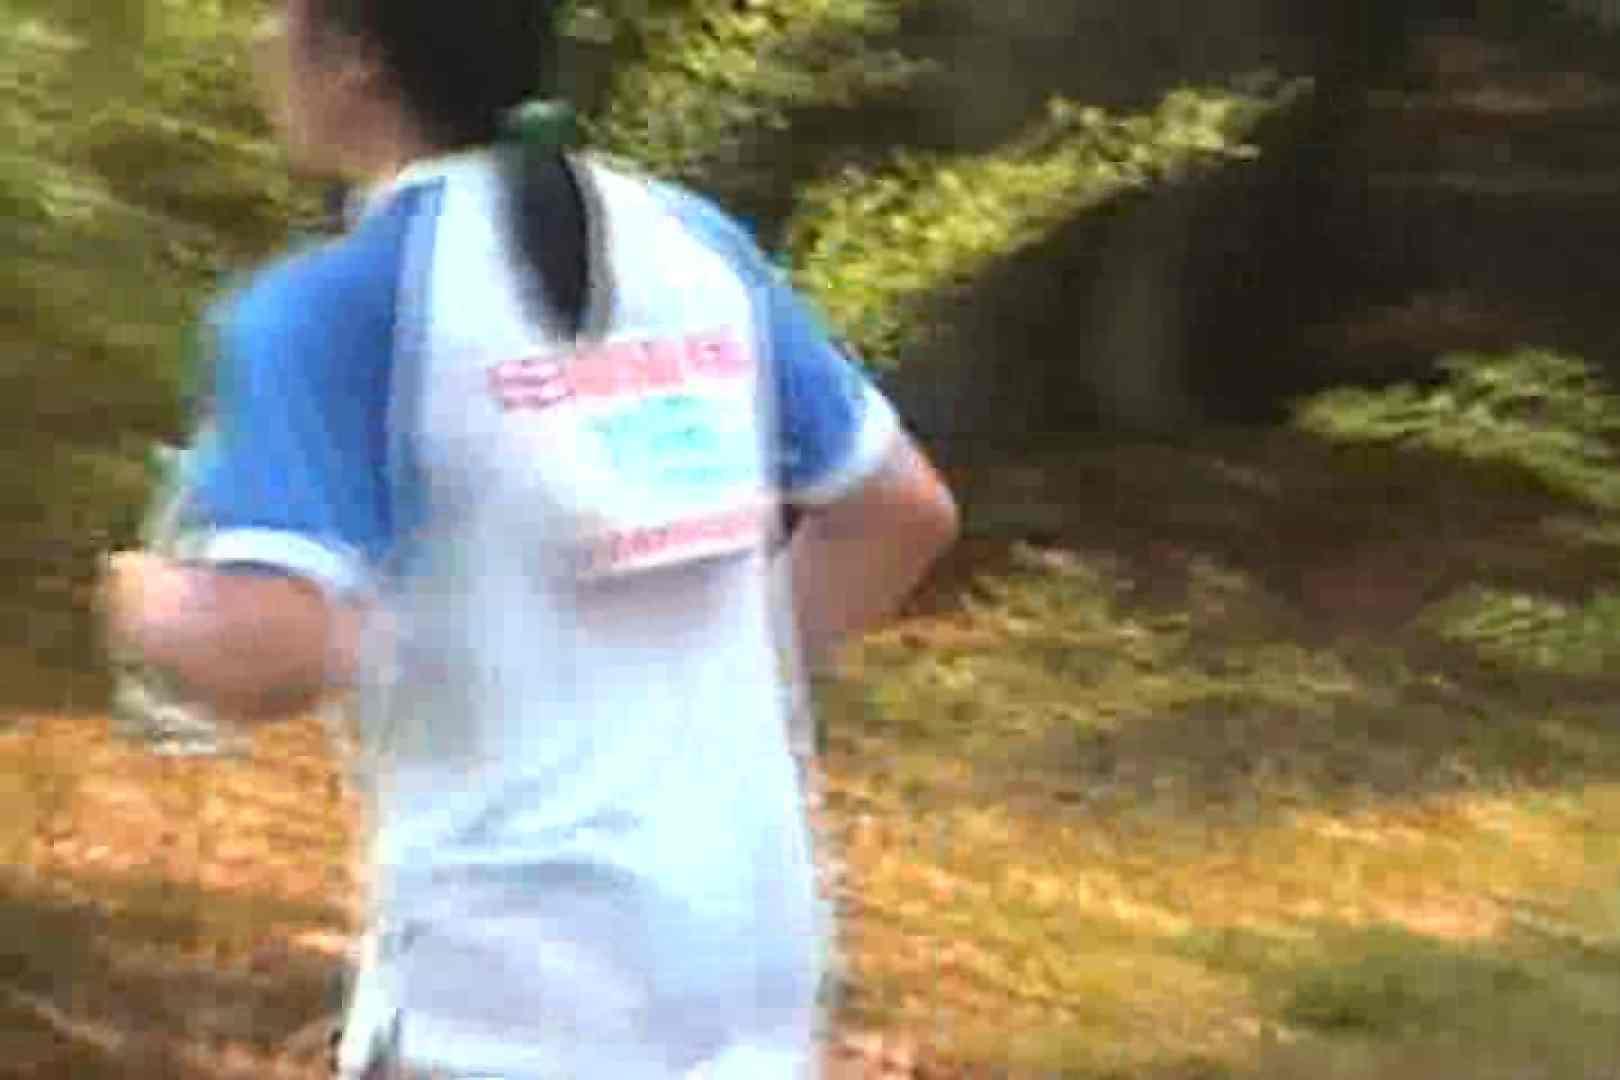 鉄人レース!!トライアスロンに挑む女性達!!Vol.4 貧乳 オマンコ無修正動画無料 56画像 17